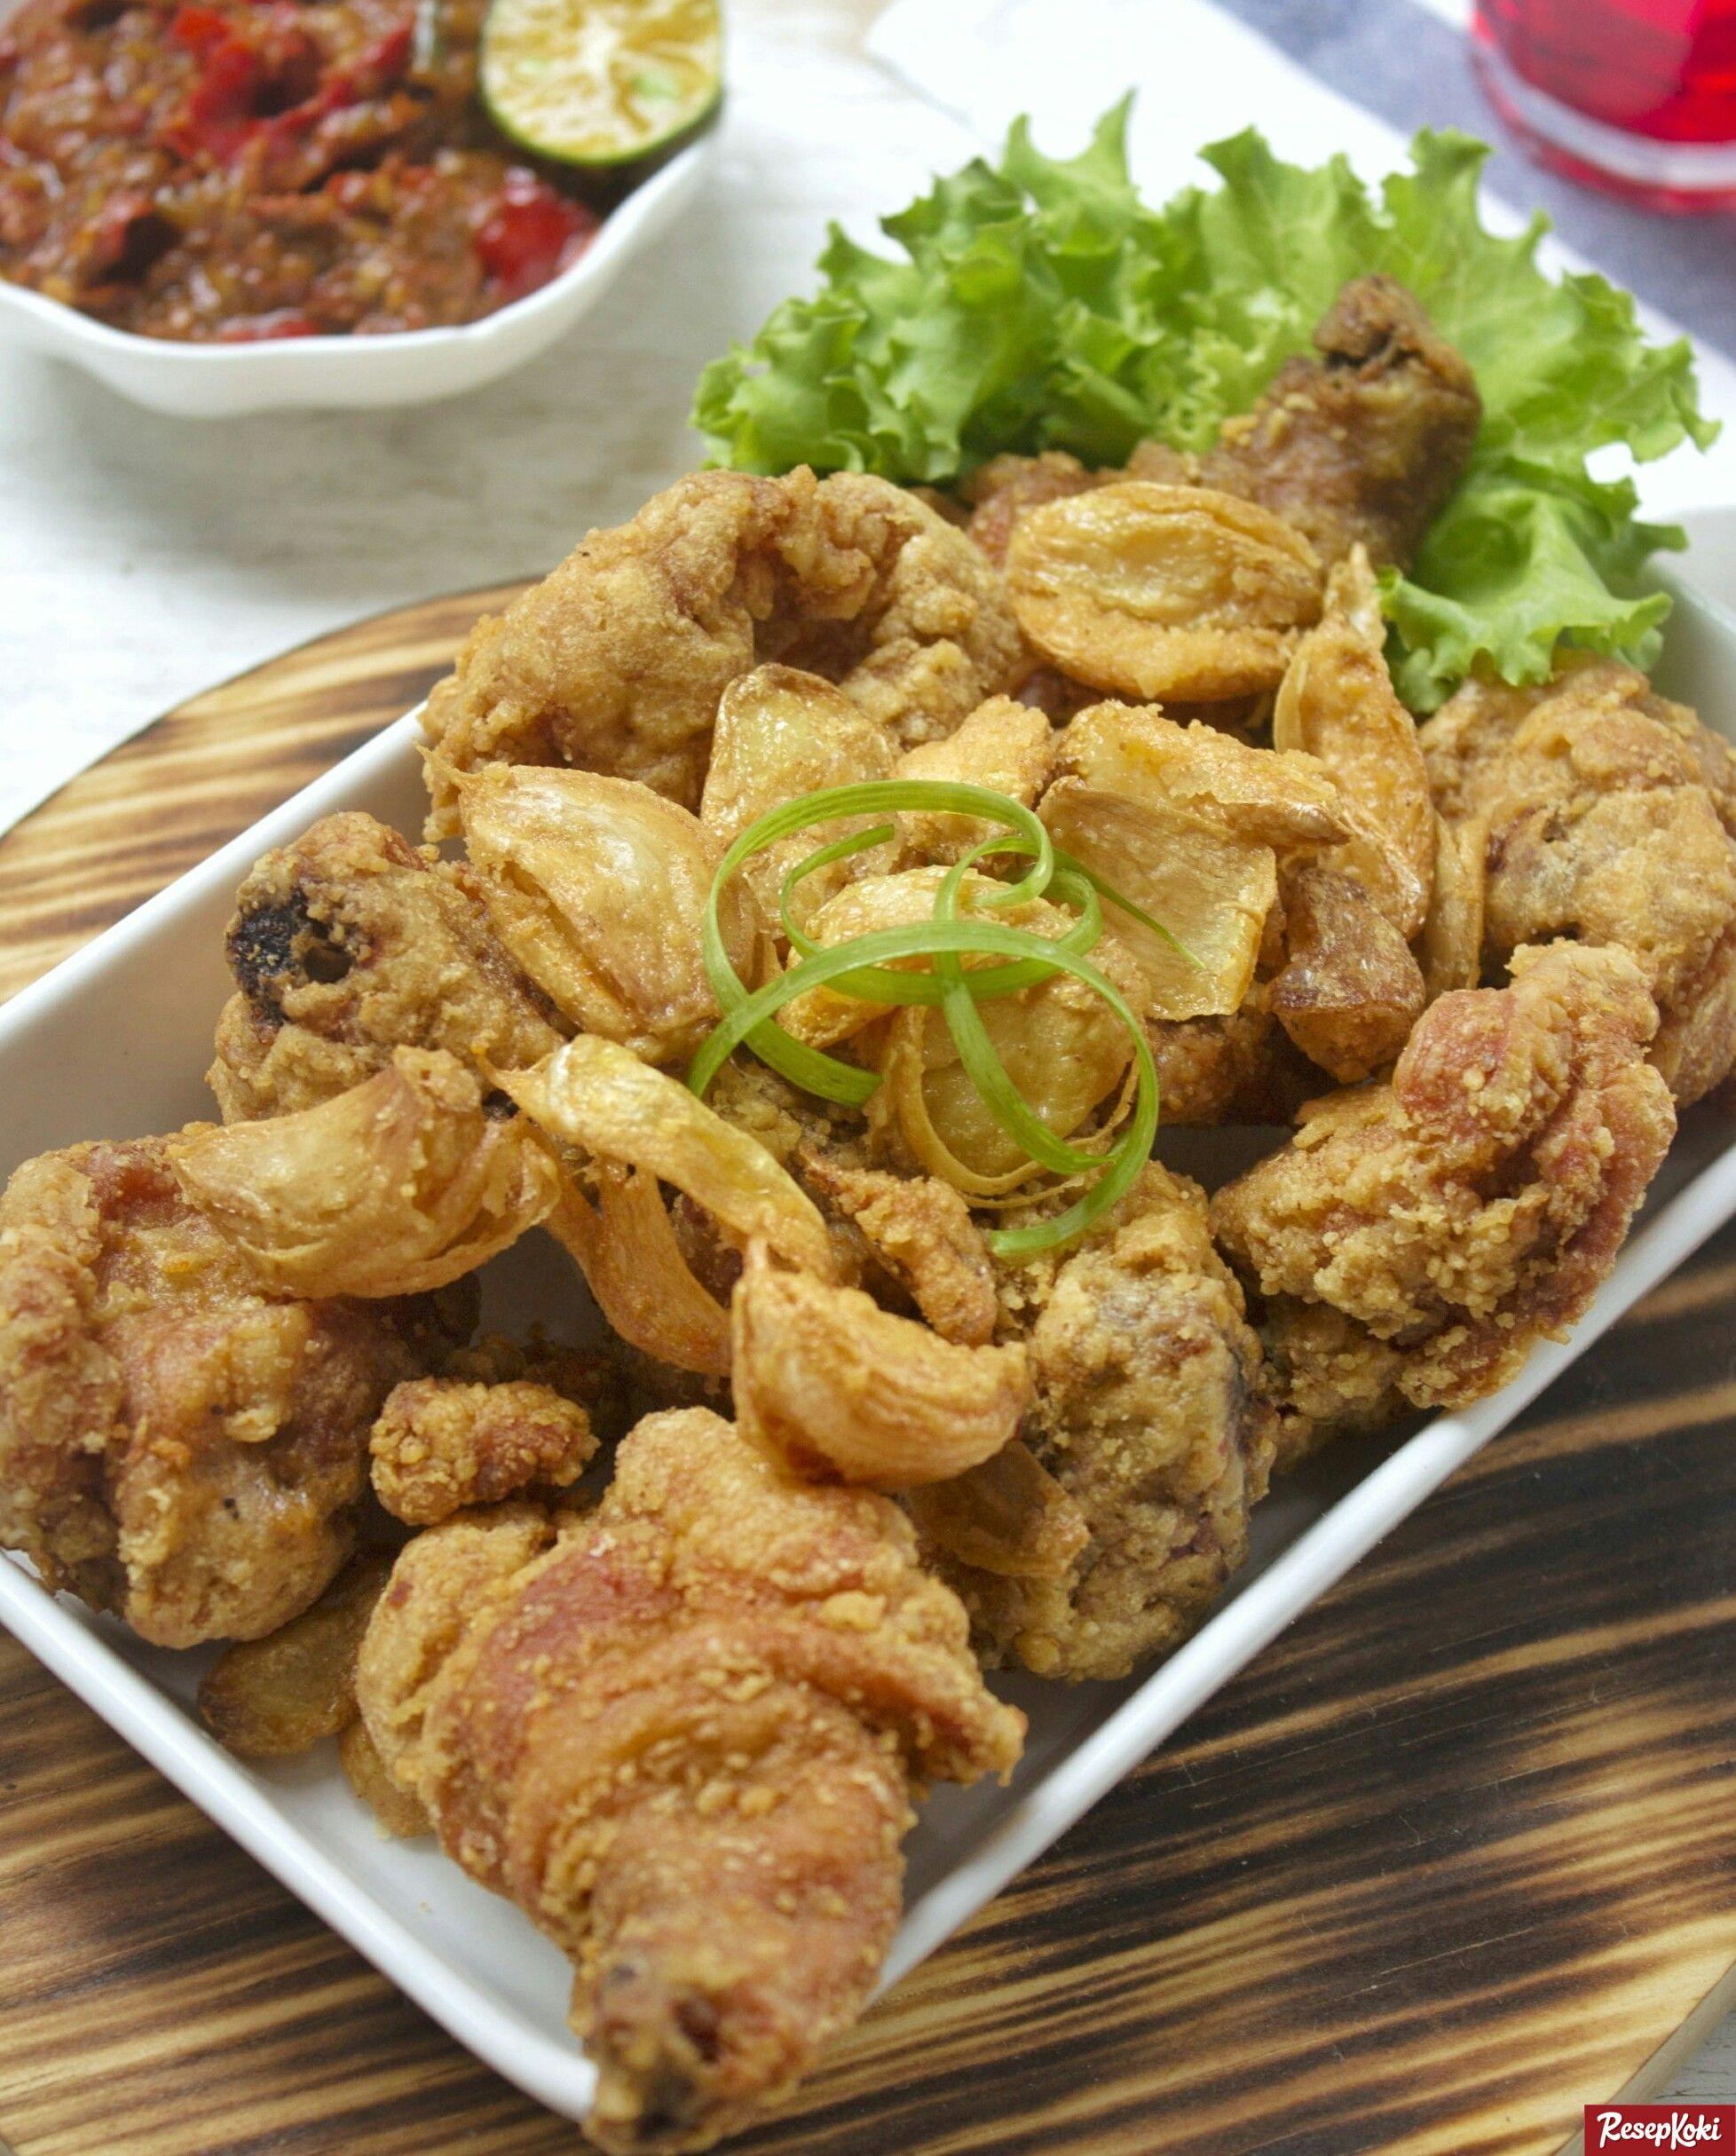 Ayam Goreng Bawang Unik Sedap Praktis Resep Resepkoki Di 2020 Resep Ayam Ayam Goreng Masakan